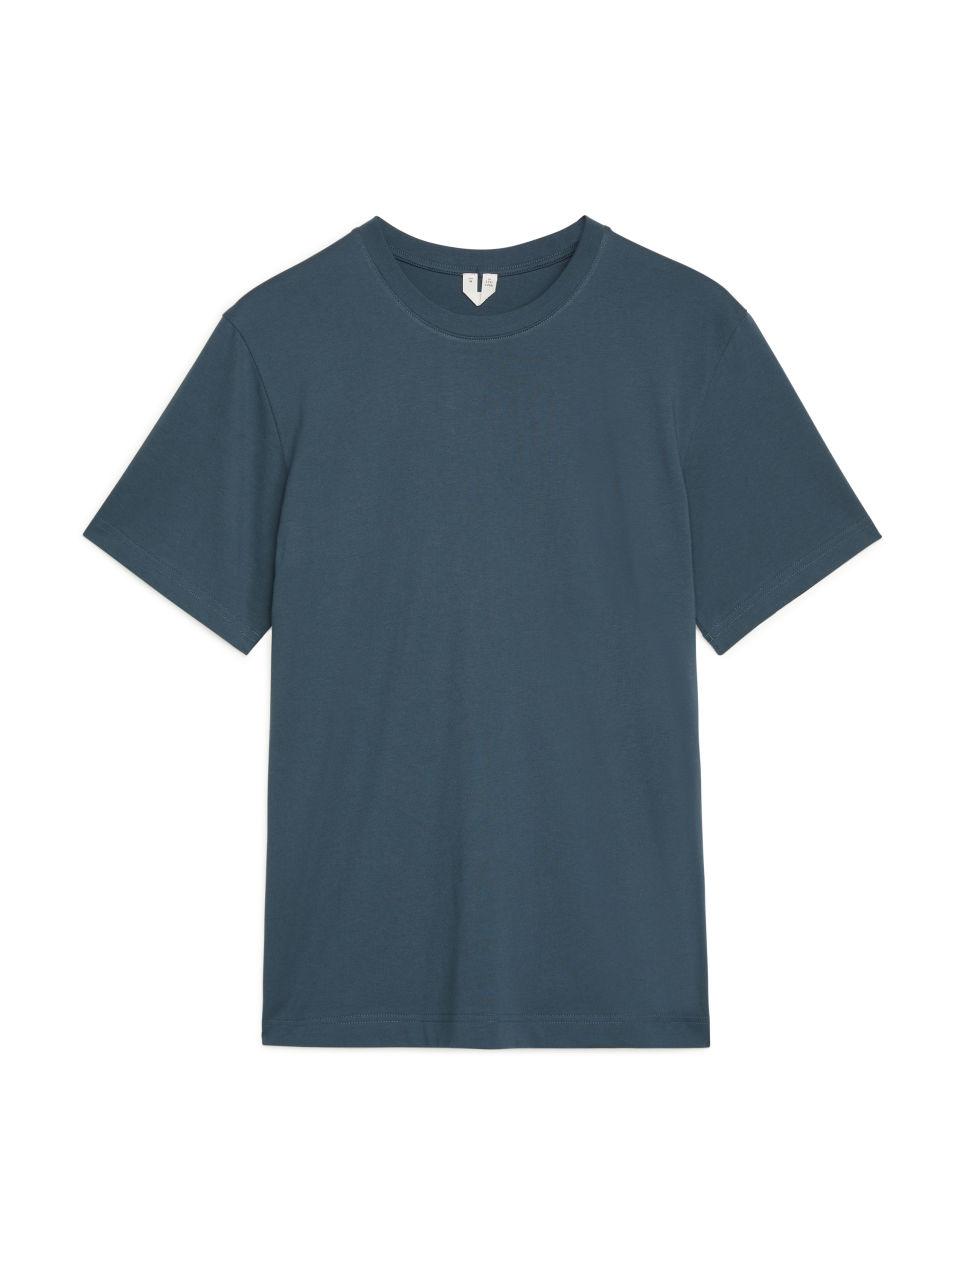 Midweight T-Shirt - Green